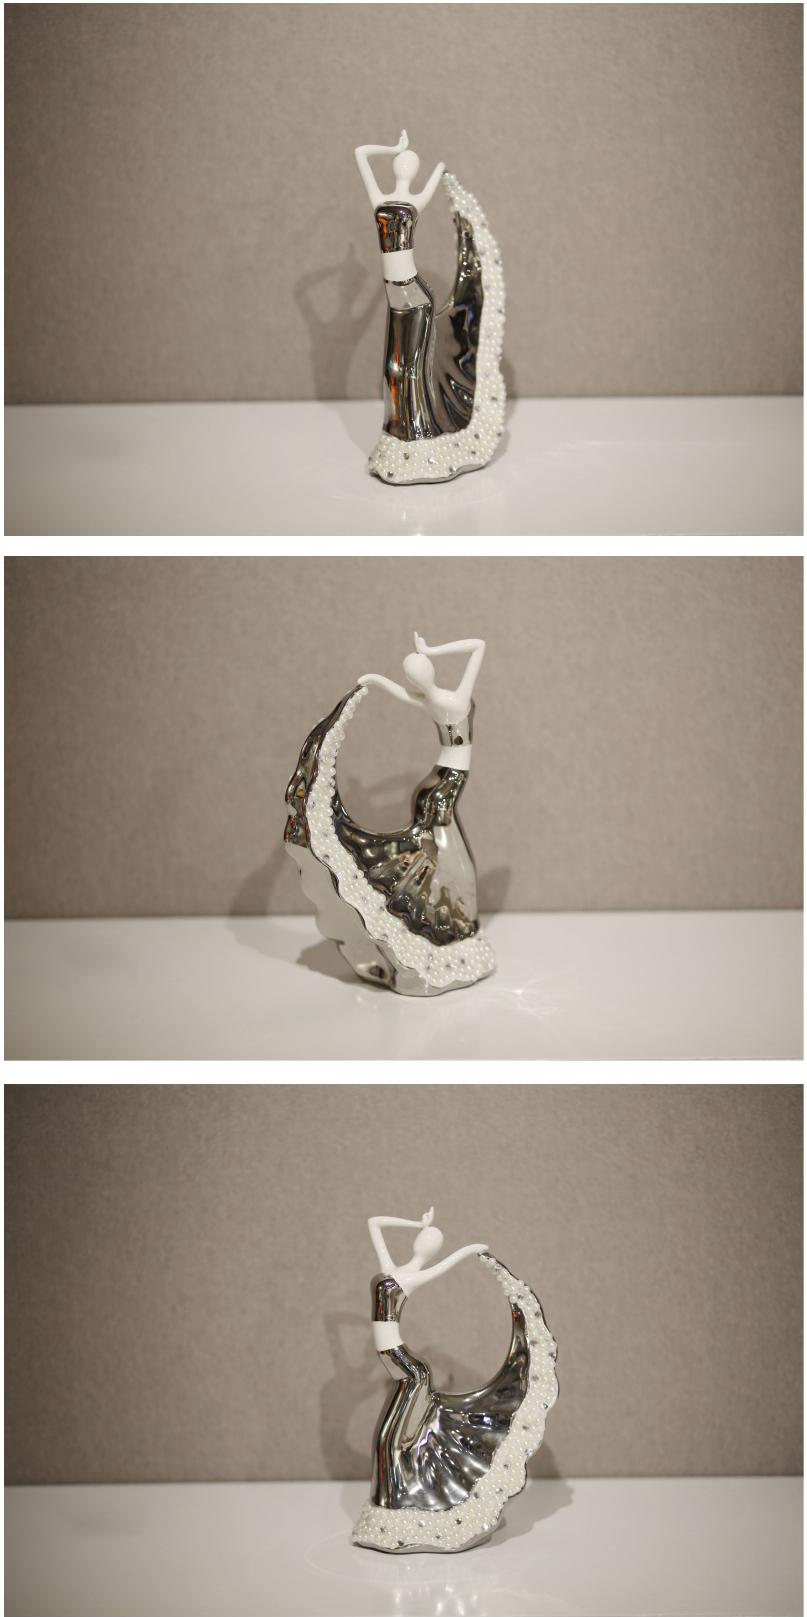 Tượng Cô Gái Khiêu Vũ - Decor trang trí nhà cửa phong cách Châu Âu cổ điển NHTC1177-1B-WS